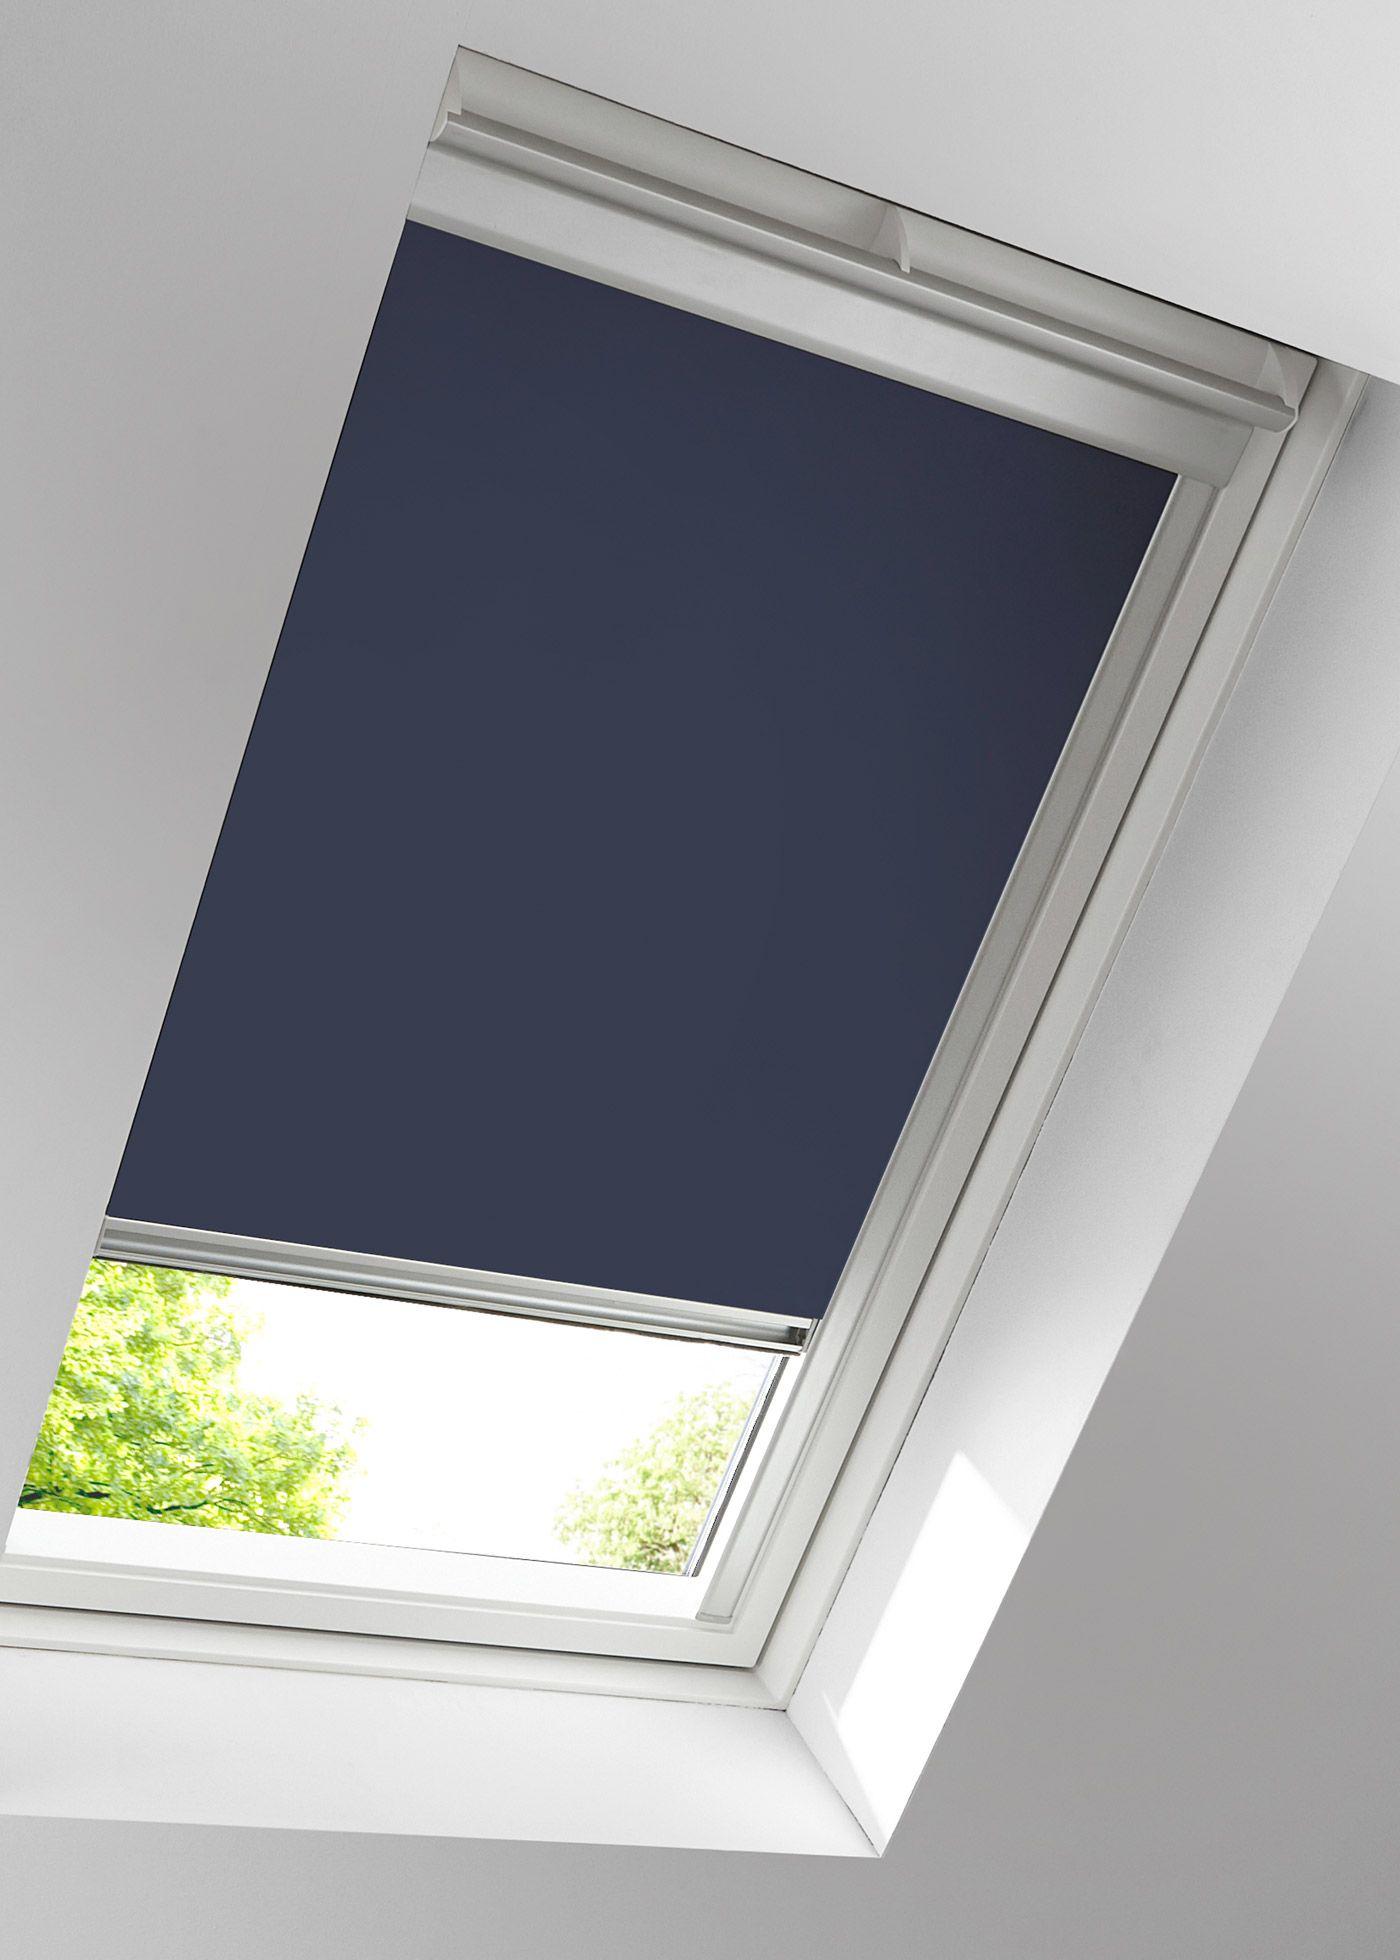 Dachfenster-Rollo Verdunkelung | Dachfenster rollo, Verdunkelung und ...